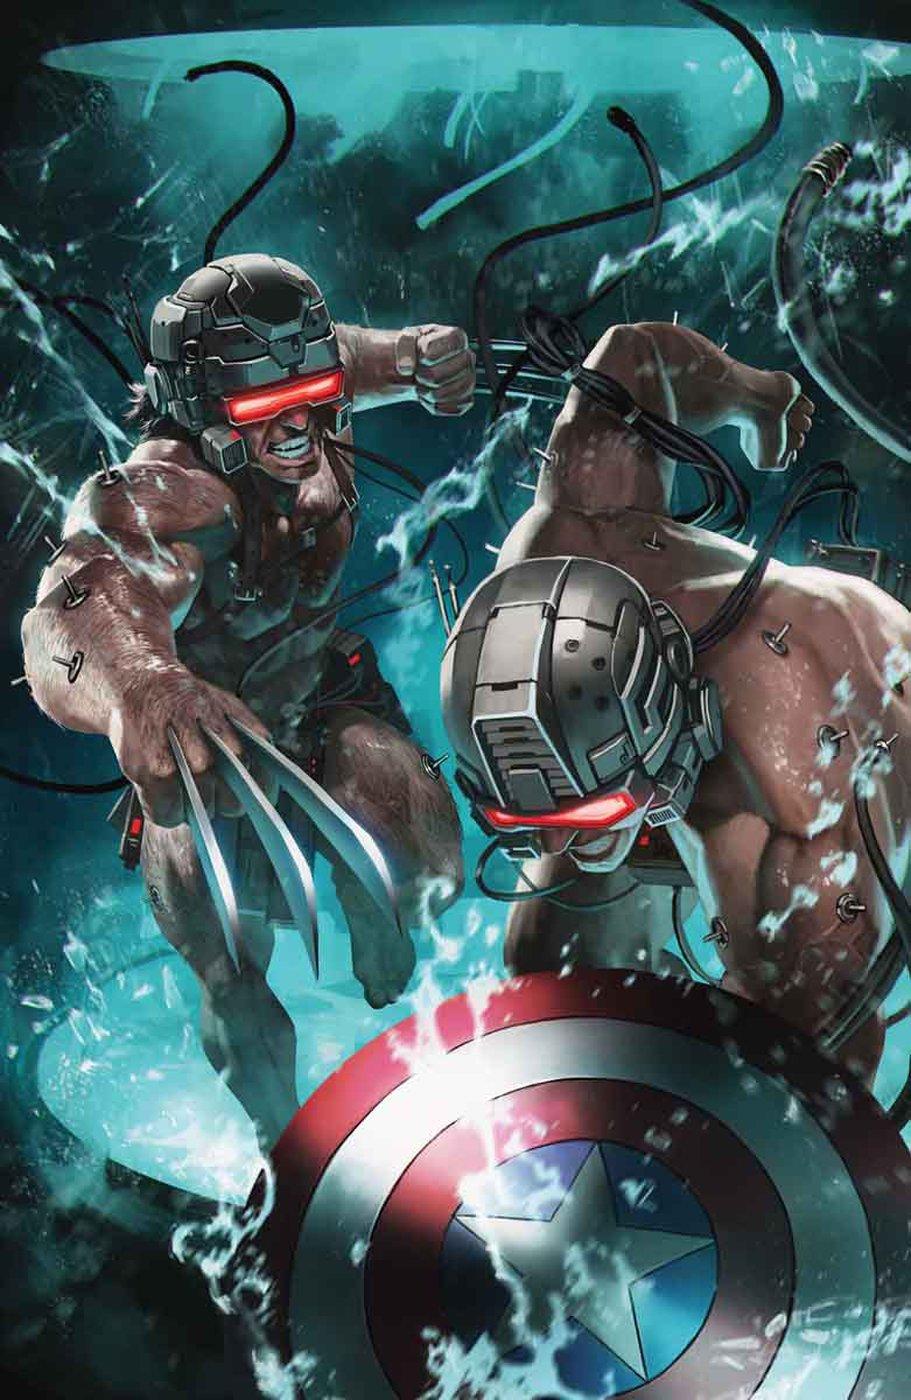 Как связаны Росомаха, Капитан Америка иФантомекс? Marvel тизерит новых участников Оружия Плюс  | Канобу - Изображение 5519